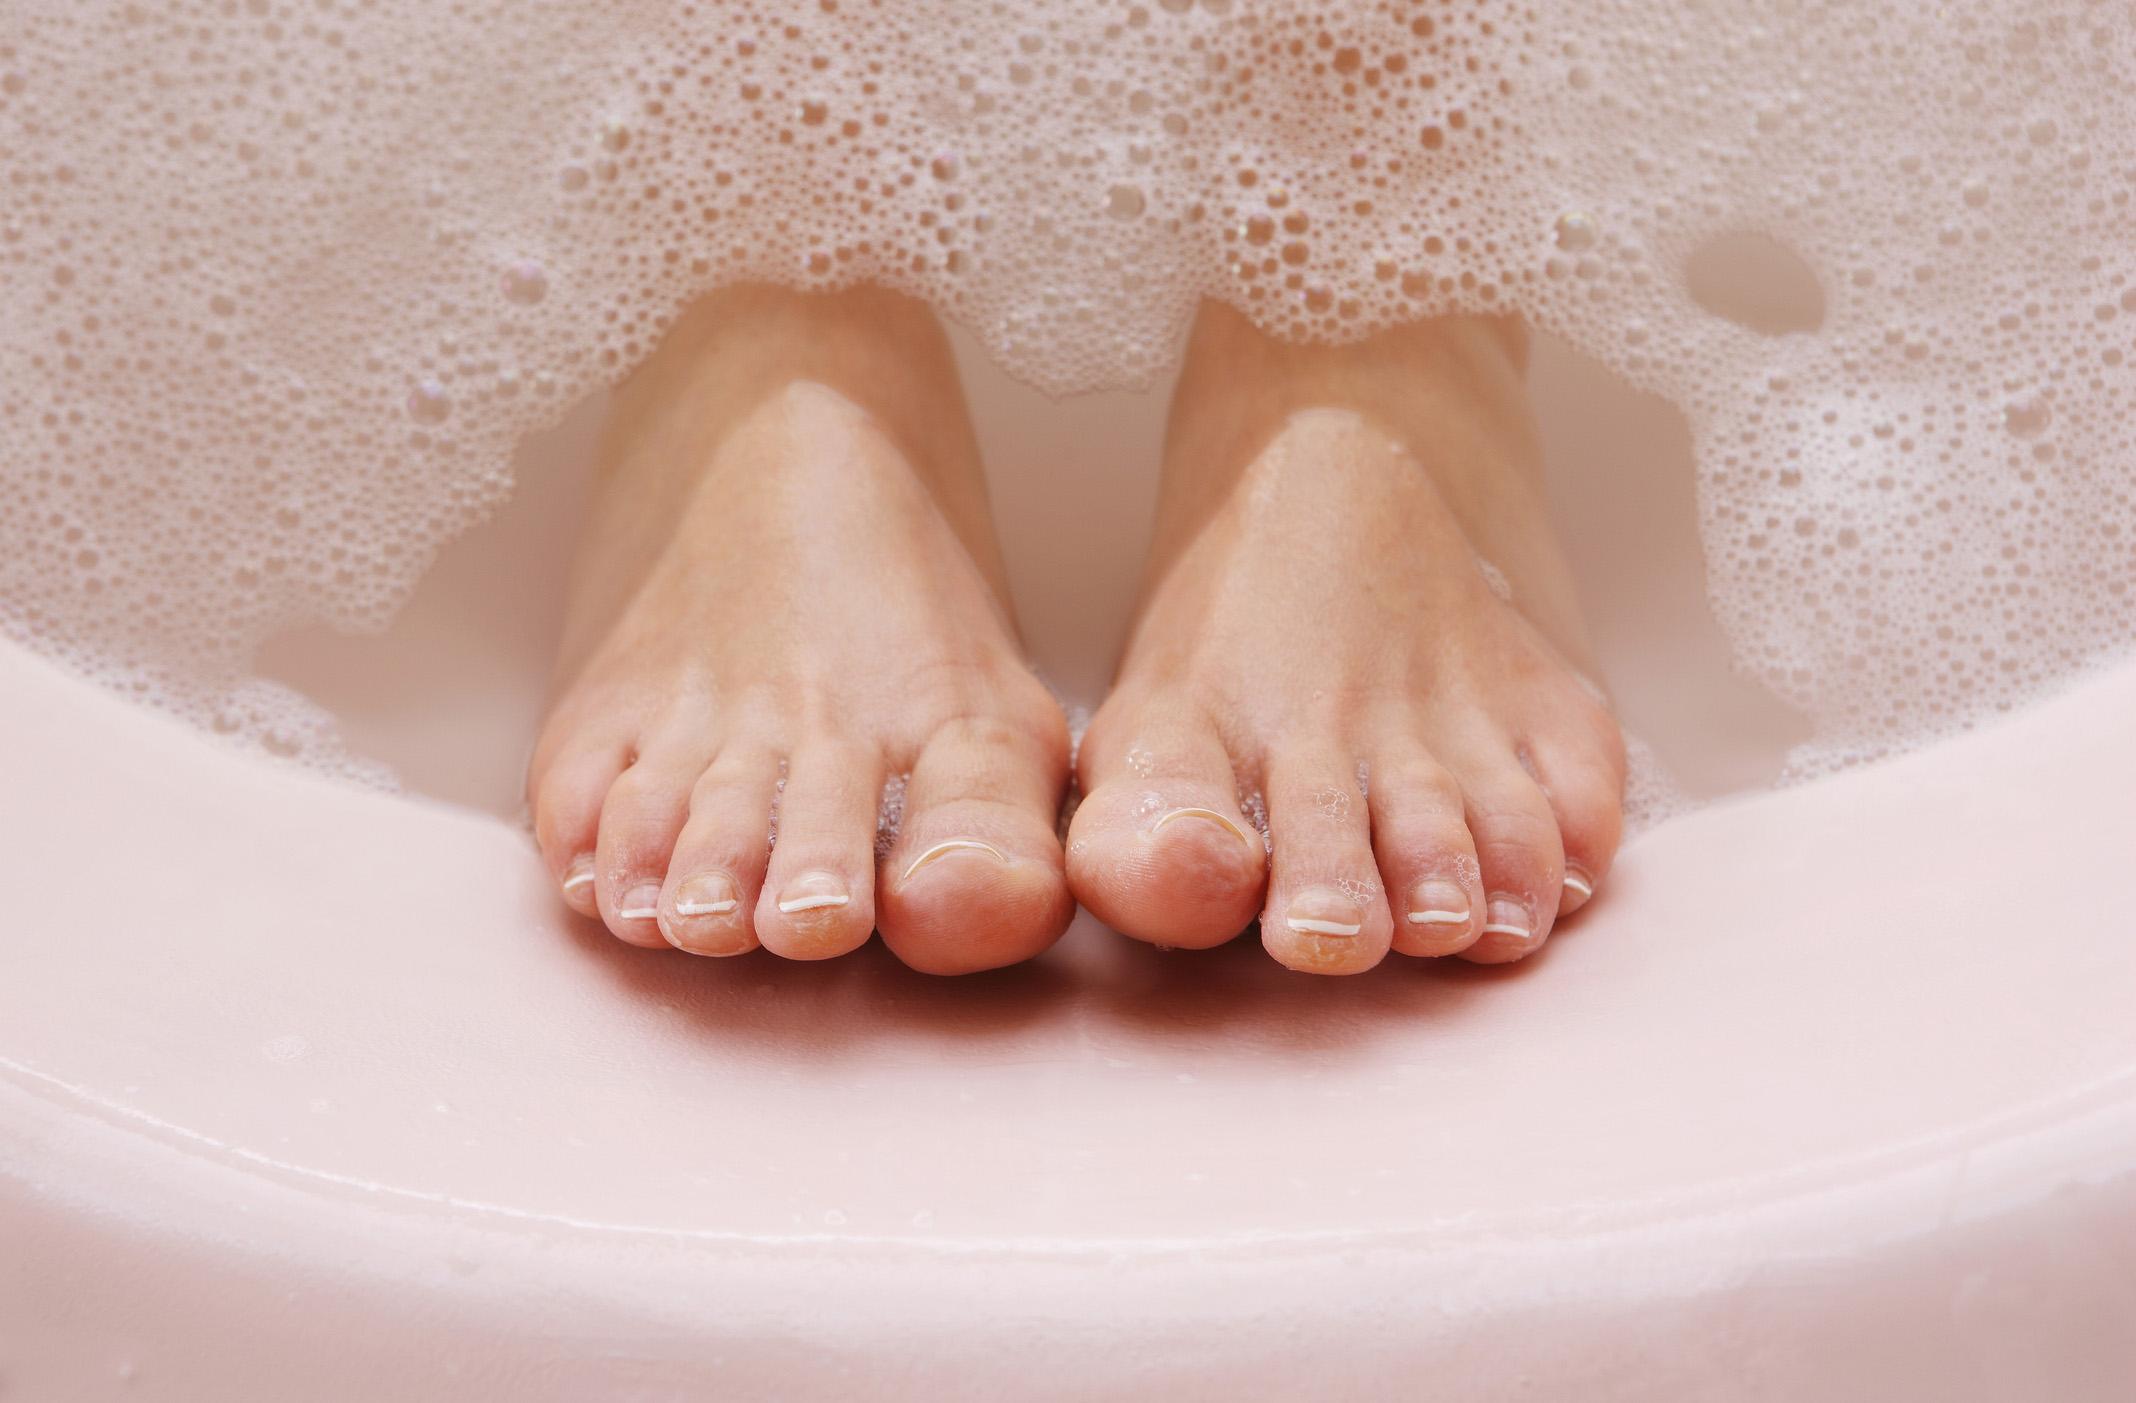 Hogyan a hat a gyógyvíz az izületi fájdalmakra? - Fürdőmánia